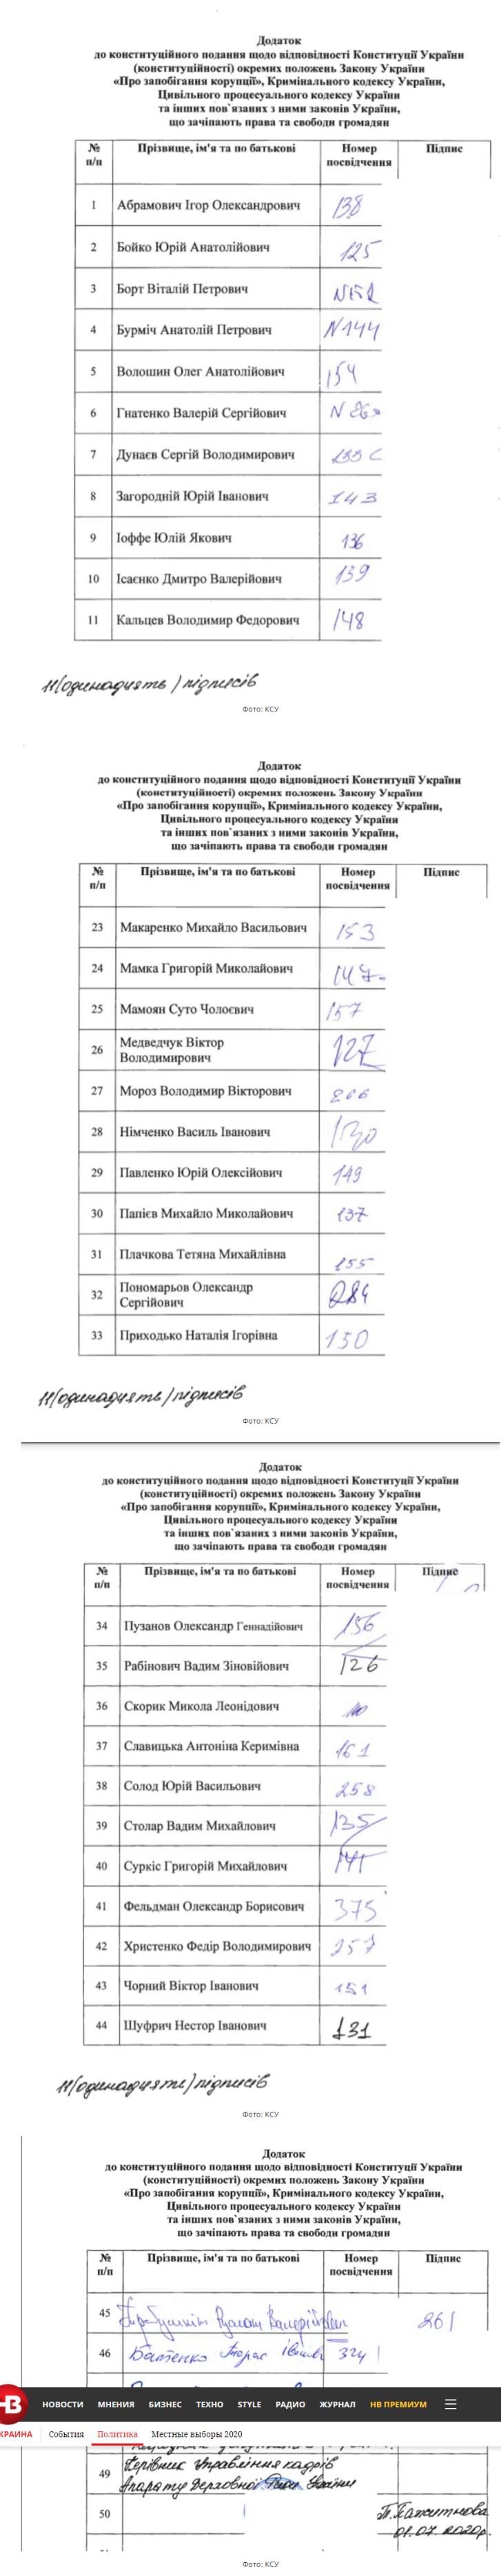 47 депутатов, по обращению которых КС принял решение о декларациях: полный список